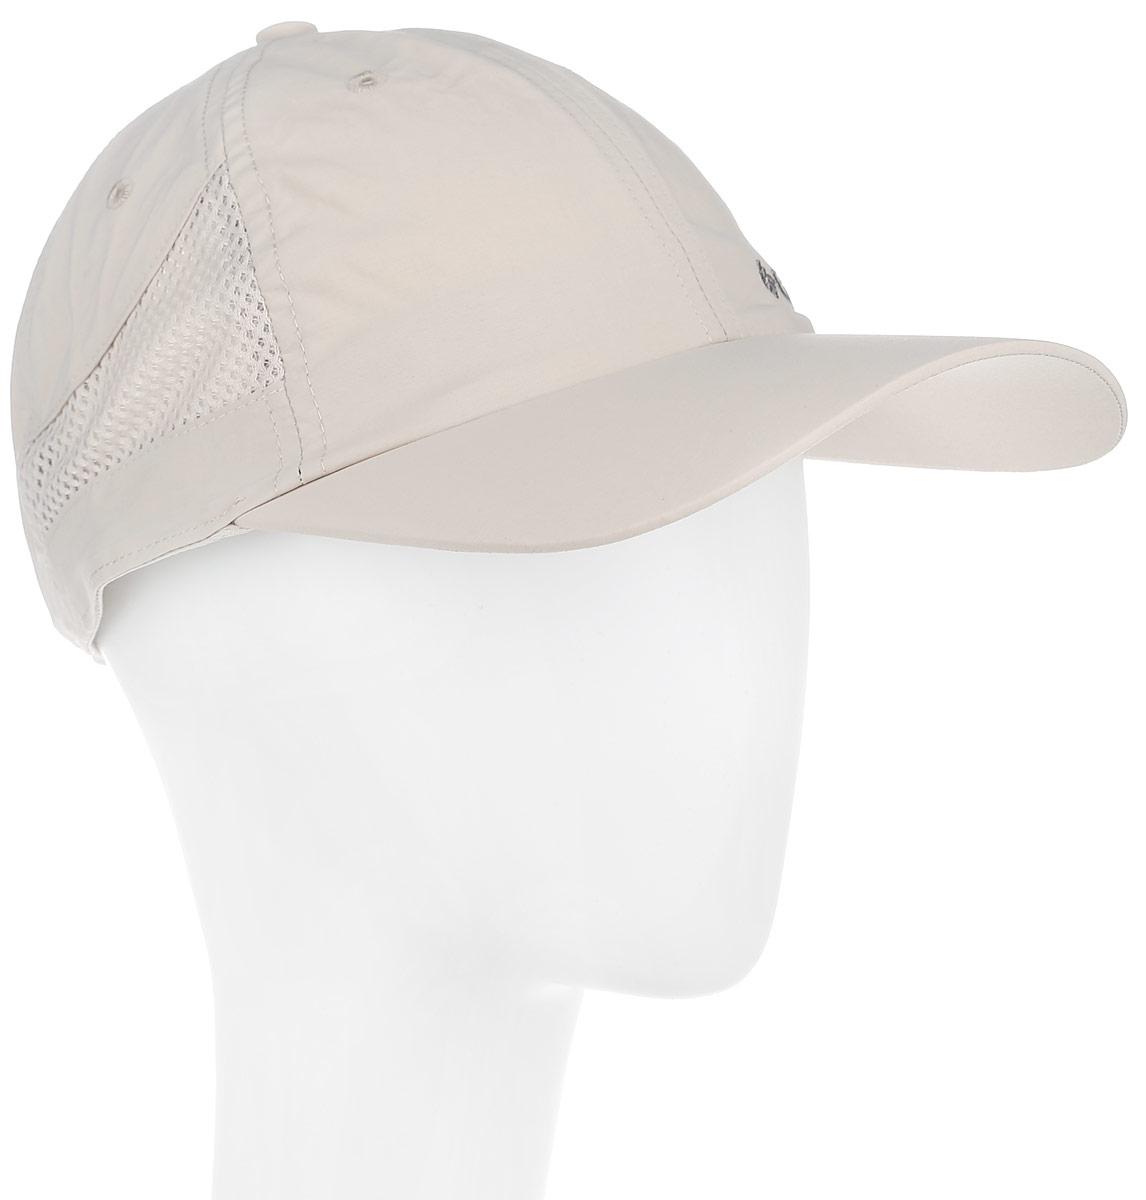 Бейсболка Columbia Tech Shade Hat, цвет: бежевый. 1539331_160. Размер универсальный1539331_160Стильная бейсболка Columbia Tech Shade Hat идеально подойдет для прогулок, занятия спортом и отдыха. Изделие выполнено из 100% нейлона, что обеспечивает быстрое высыхание в случае намокания.Вставки-сетки - как дополнительная вентиляция в жаркую погоду. Наличие в изделии технологии Omni-Shade UPF30 обеспечивает надежную защиту от вредного UV-излучения. Объем бейсболки регулируется с помощью защелки.Ничто не говорит о настоящем любителе путешествий больше, чем любимая кепка. Эта модель станет отличным аксессуаром и дополнит ваш повседневный образ.